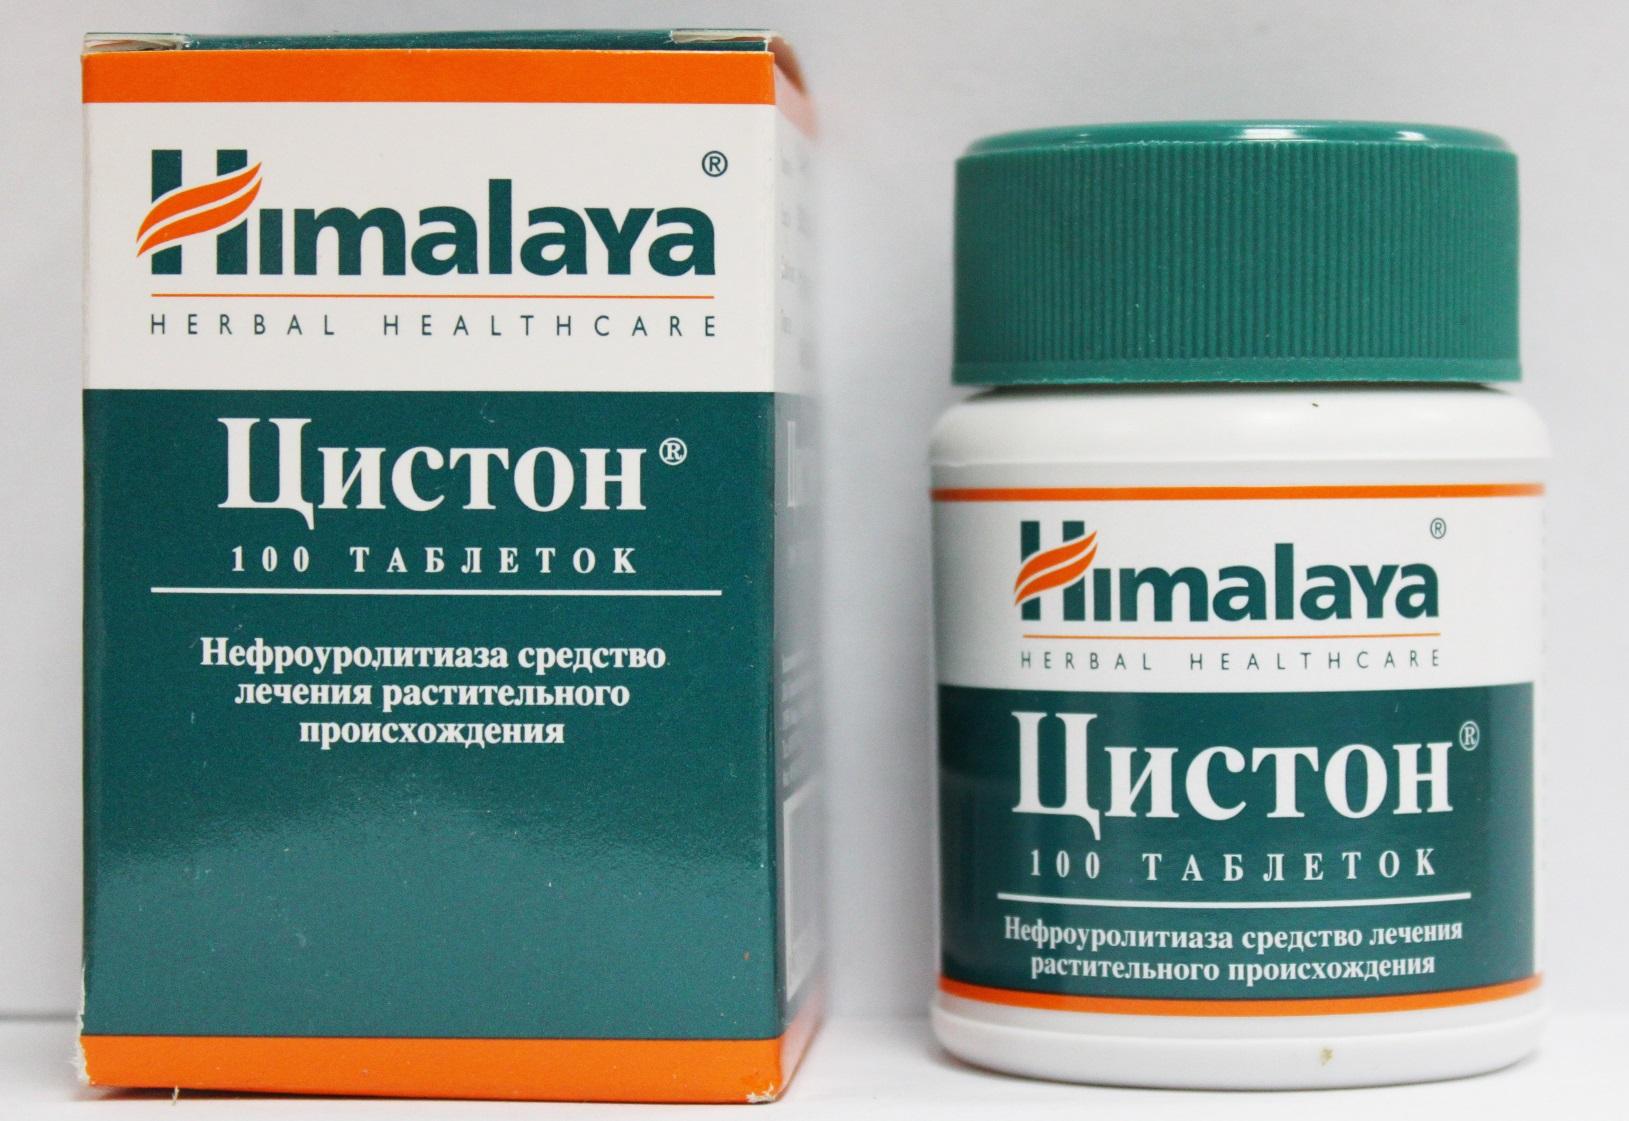 Фитопрепарат цистон: способы применения и дозы